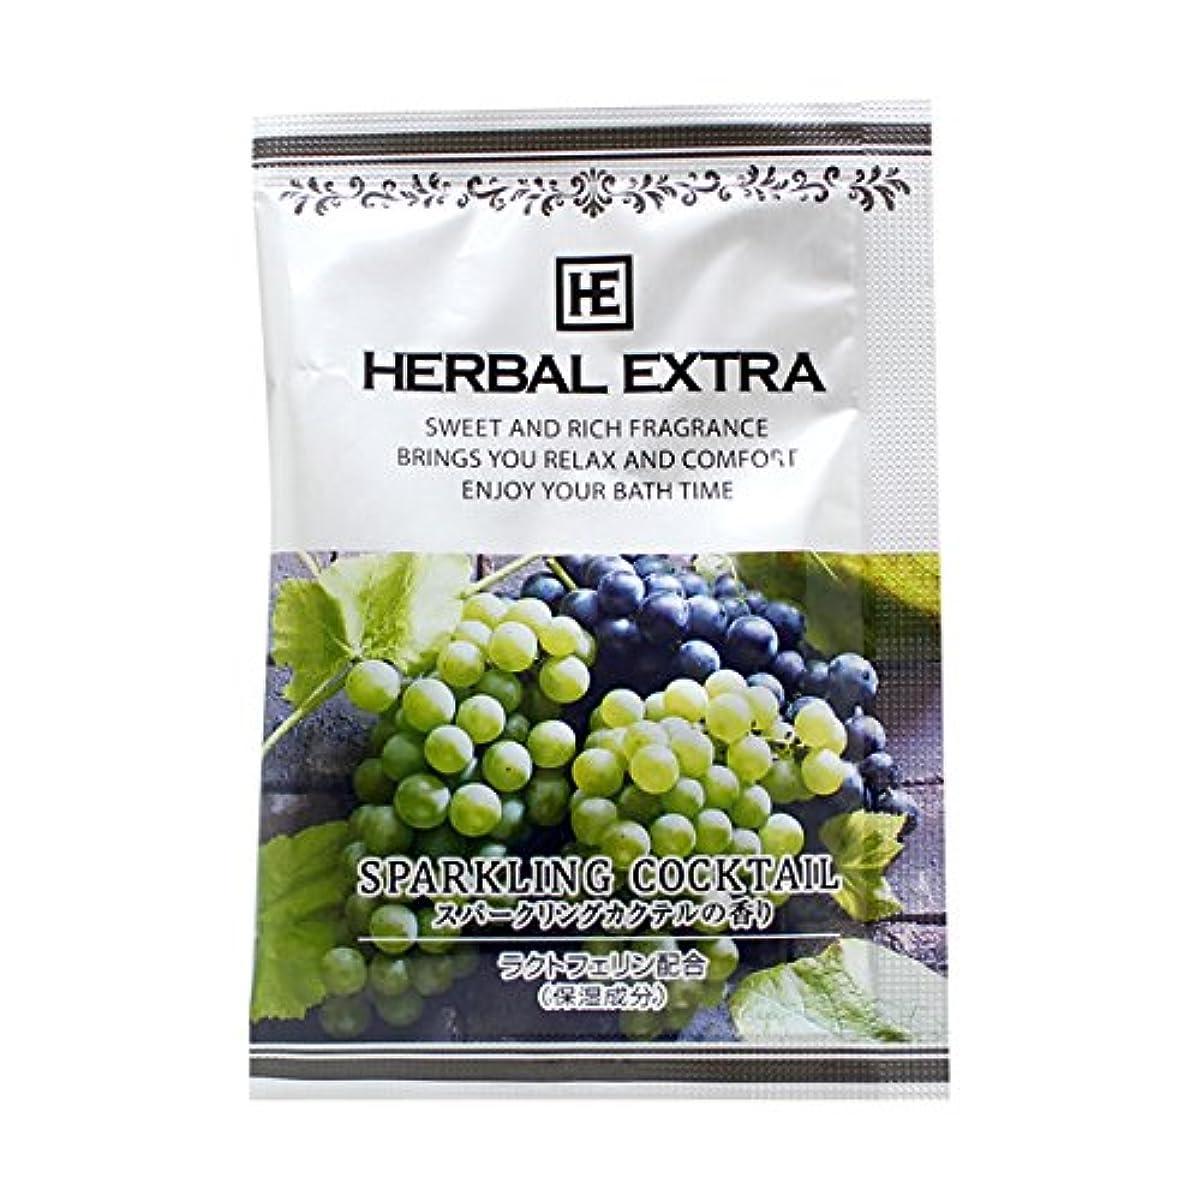 トロリーバス削除する懐疑的入浴剤 ハーバルエクストラ「スパークリングカクテルの香り」30個